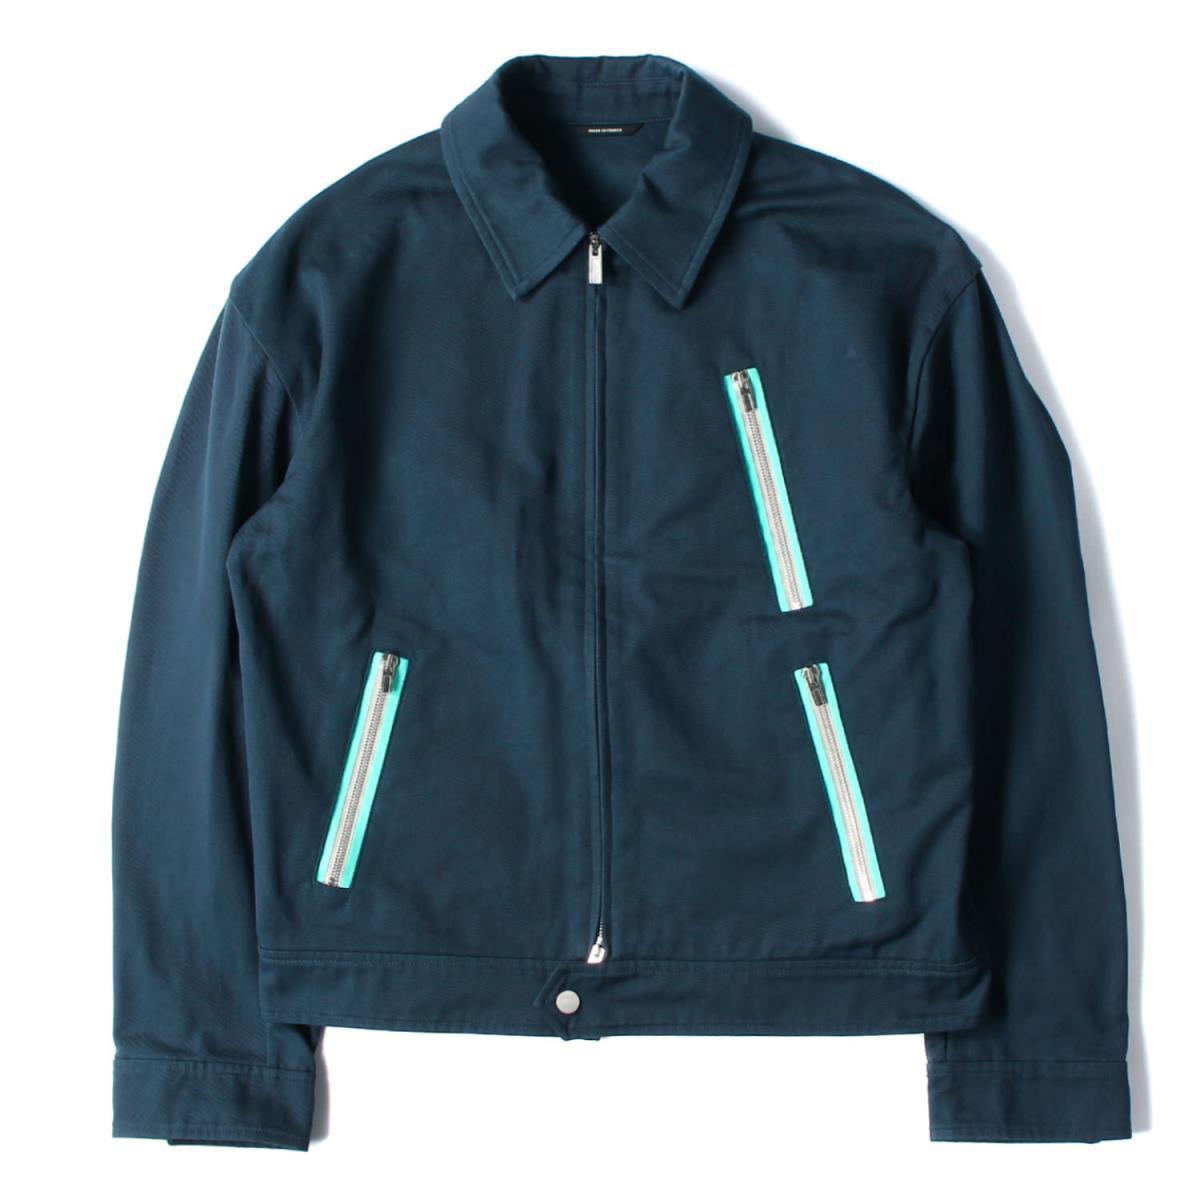 HERMES エルメス ジャケット ジップ デザイン コットン ツイル フルジップ ワークジャケット フランス製 ネイビー 50 【メンズ】【中古】【美品】【K2569】